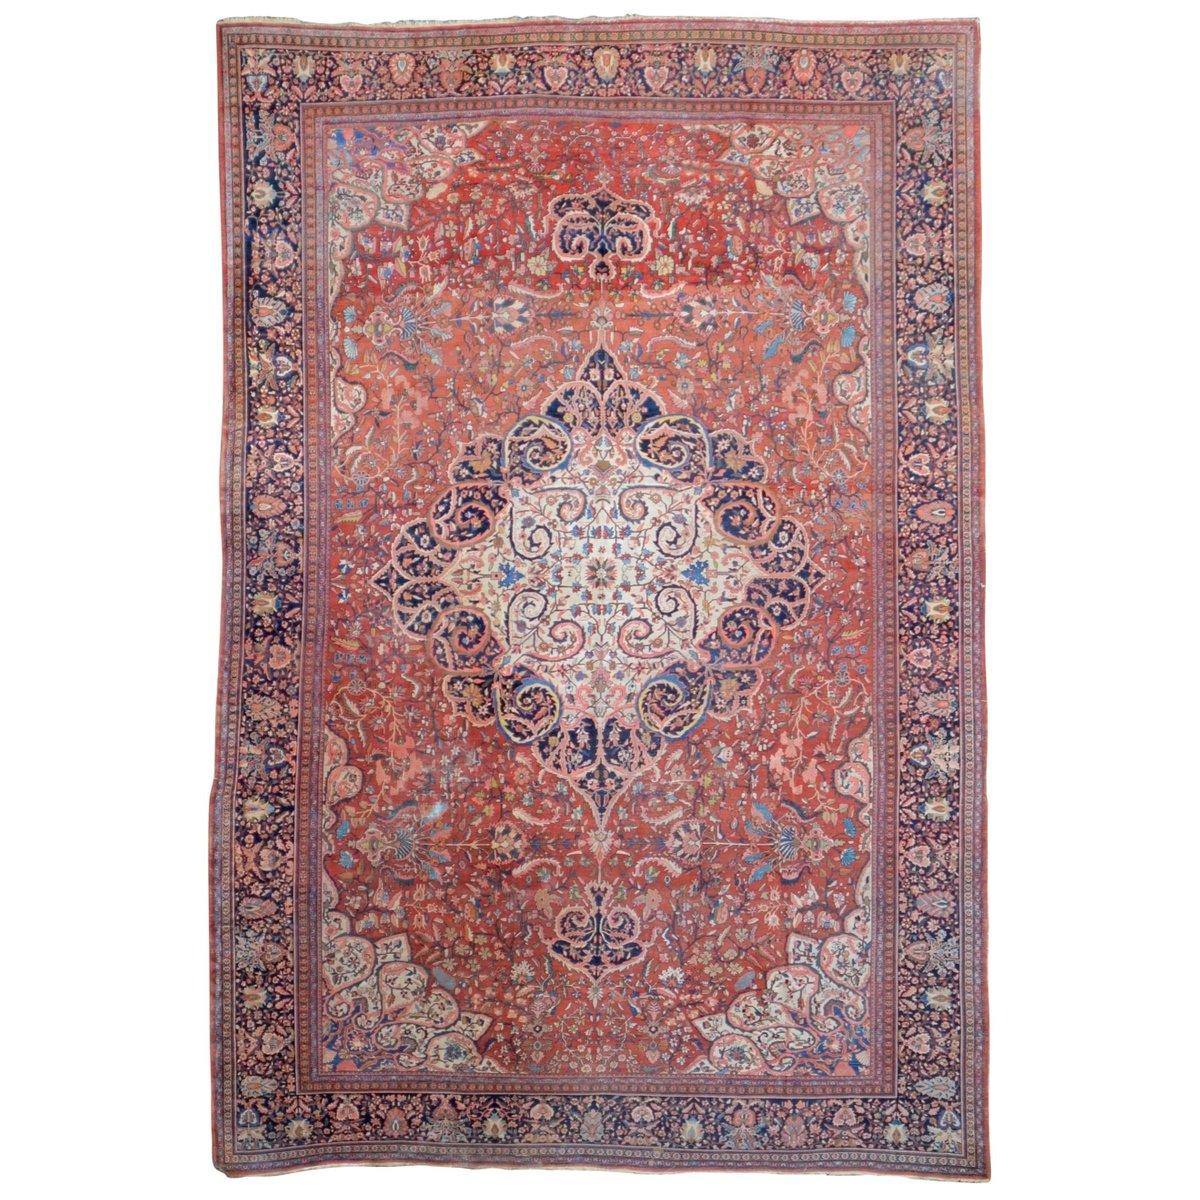 gro er antiker nah stlicher teppich bei pamono kaufen. Black Bedroom Furniture Sets. Home Design Ideas